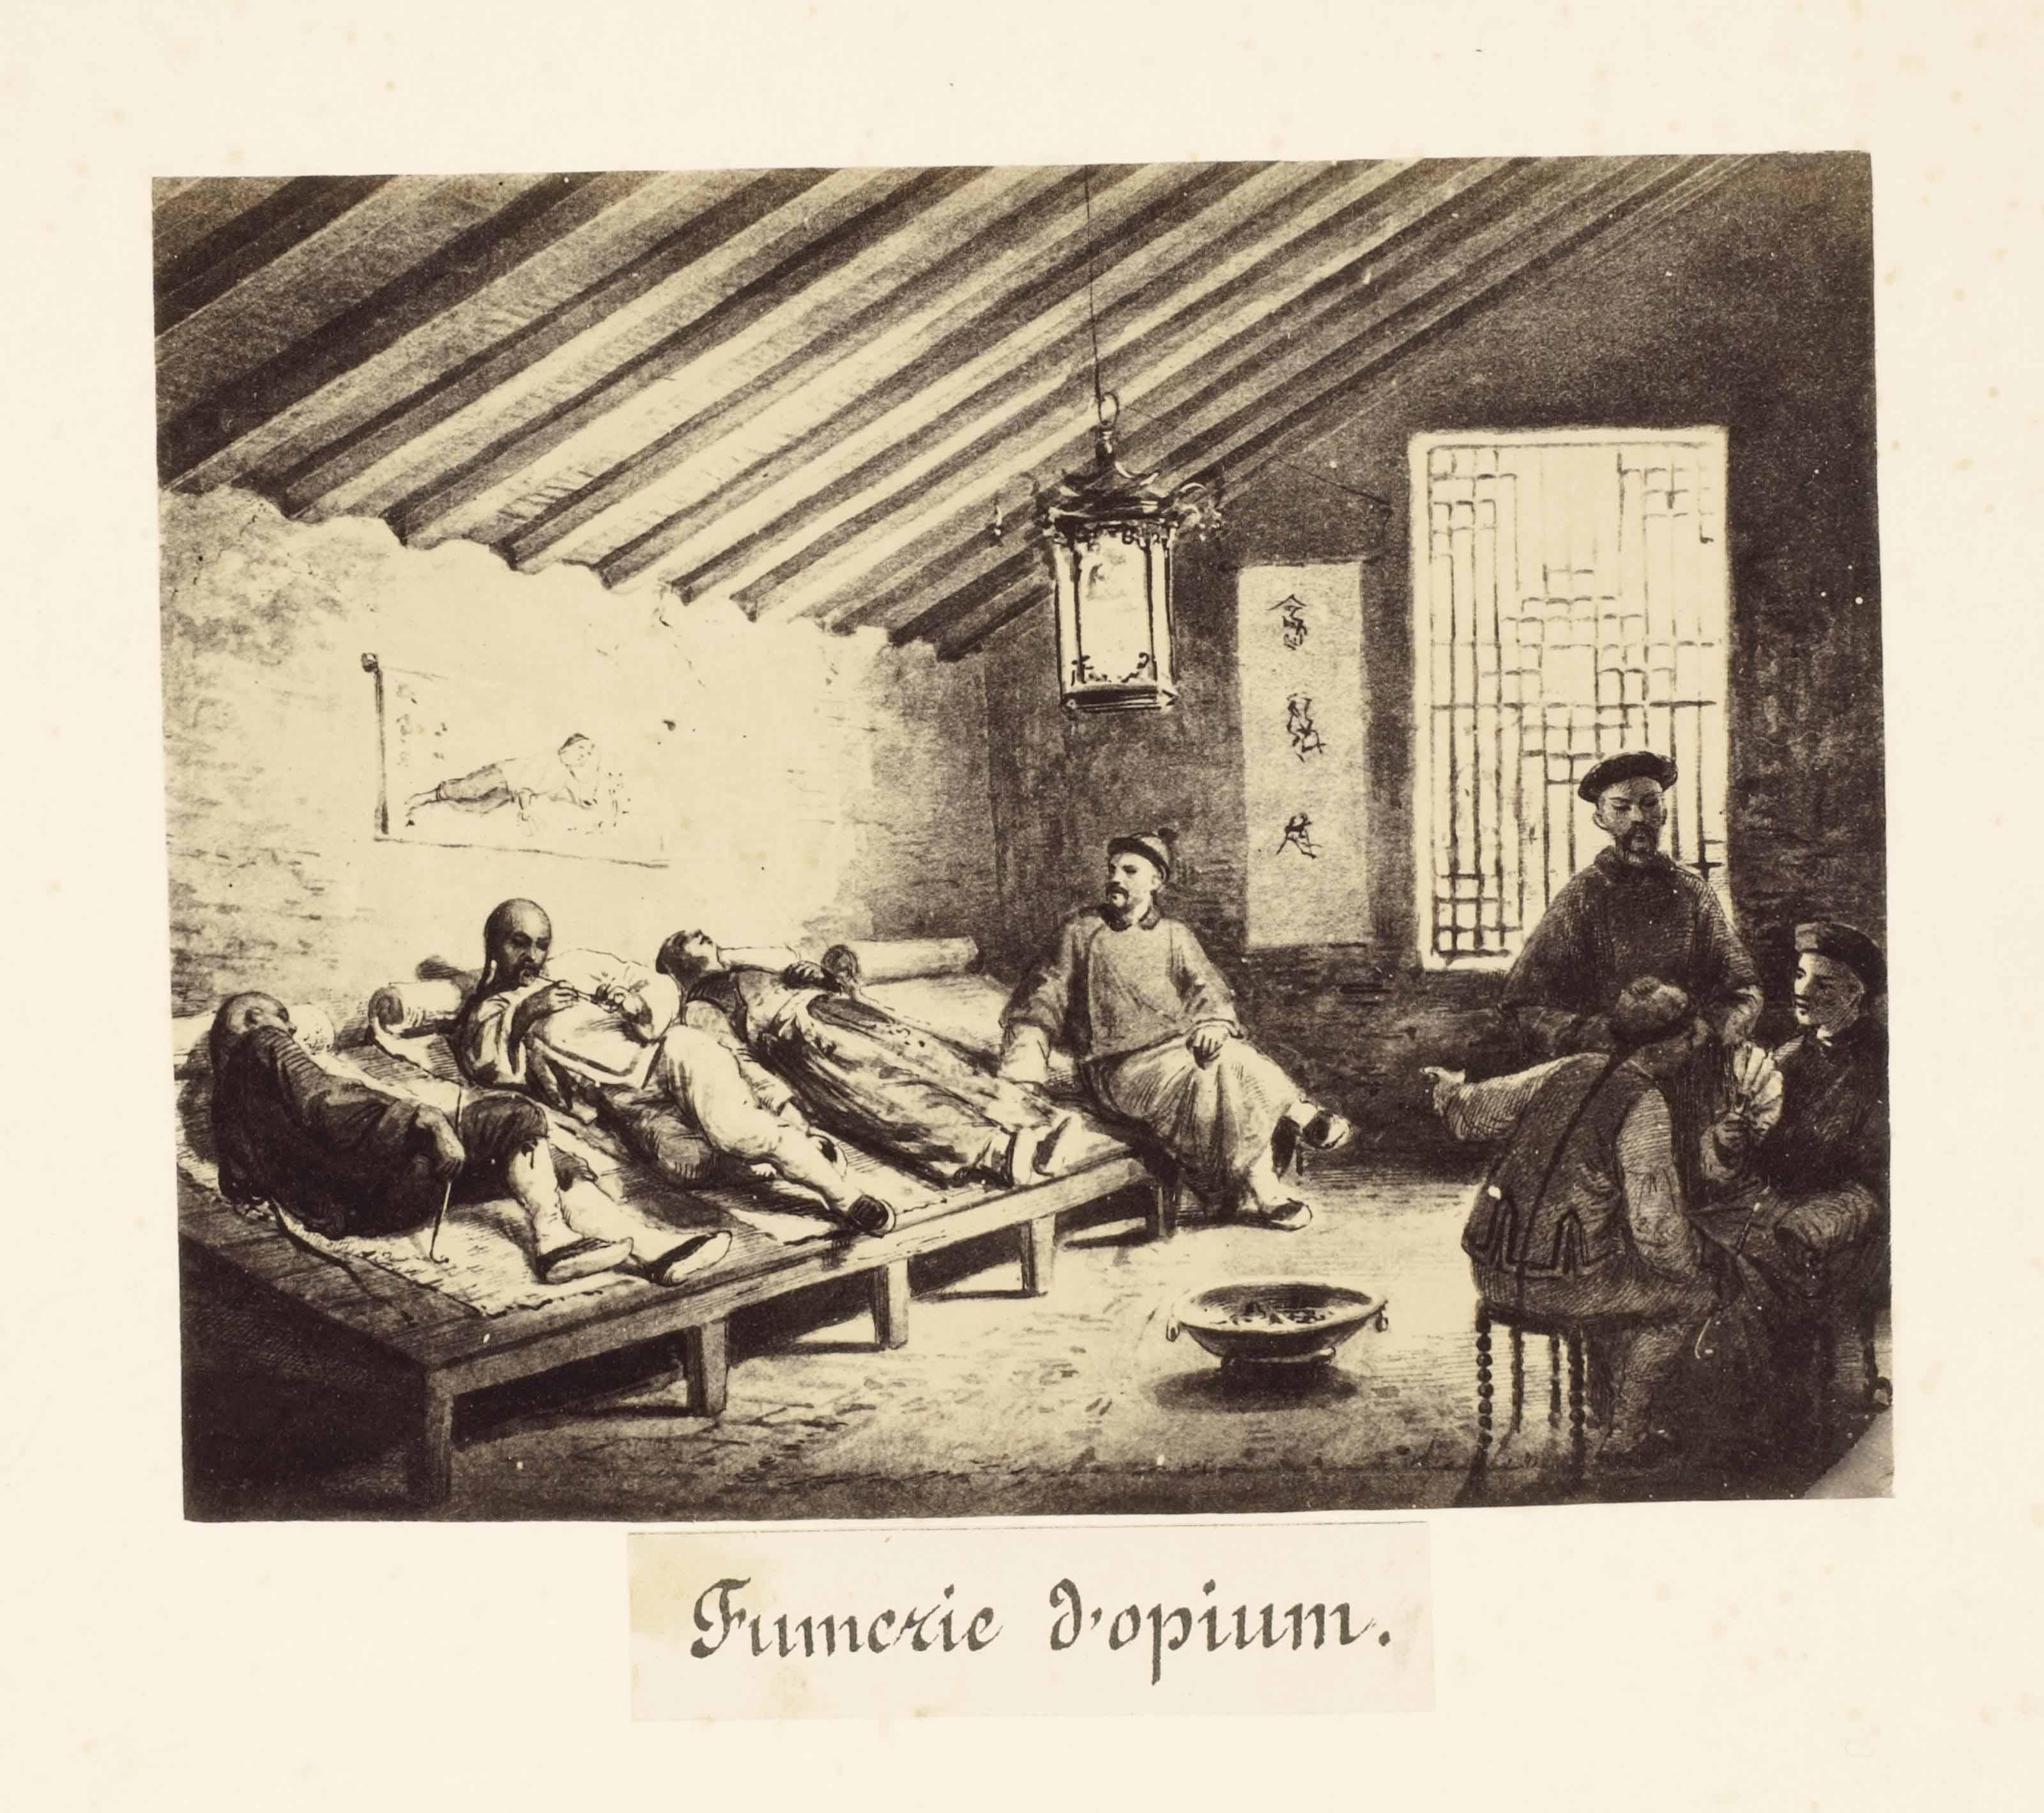 [PHOTOGRAPHIE] -- Album Chinois. Sans lieu: sans nom, (avant 1857). Album in-4 (277 x 210 mm). Un feuillet d'introduction lithographié. 41 tirages sur papier albuminée, montés sur carton. Percaline noire de l'éditeur ornée à froid, titre doré au plat supérieur.